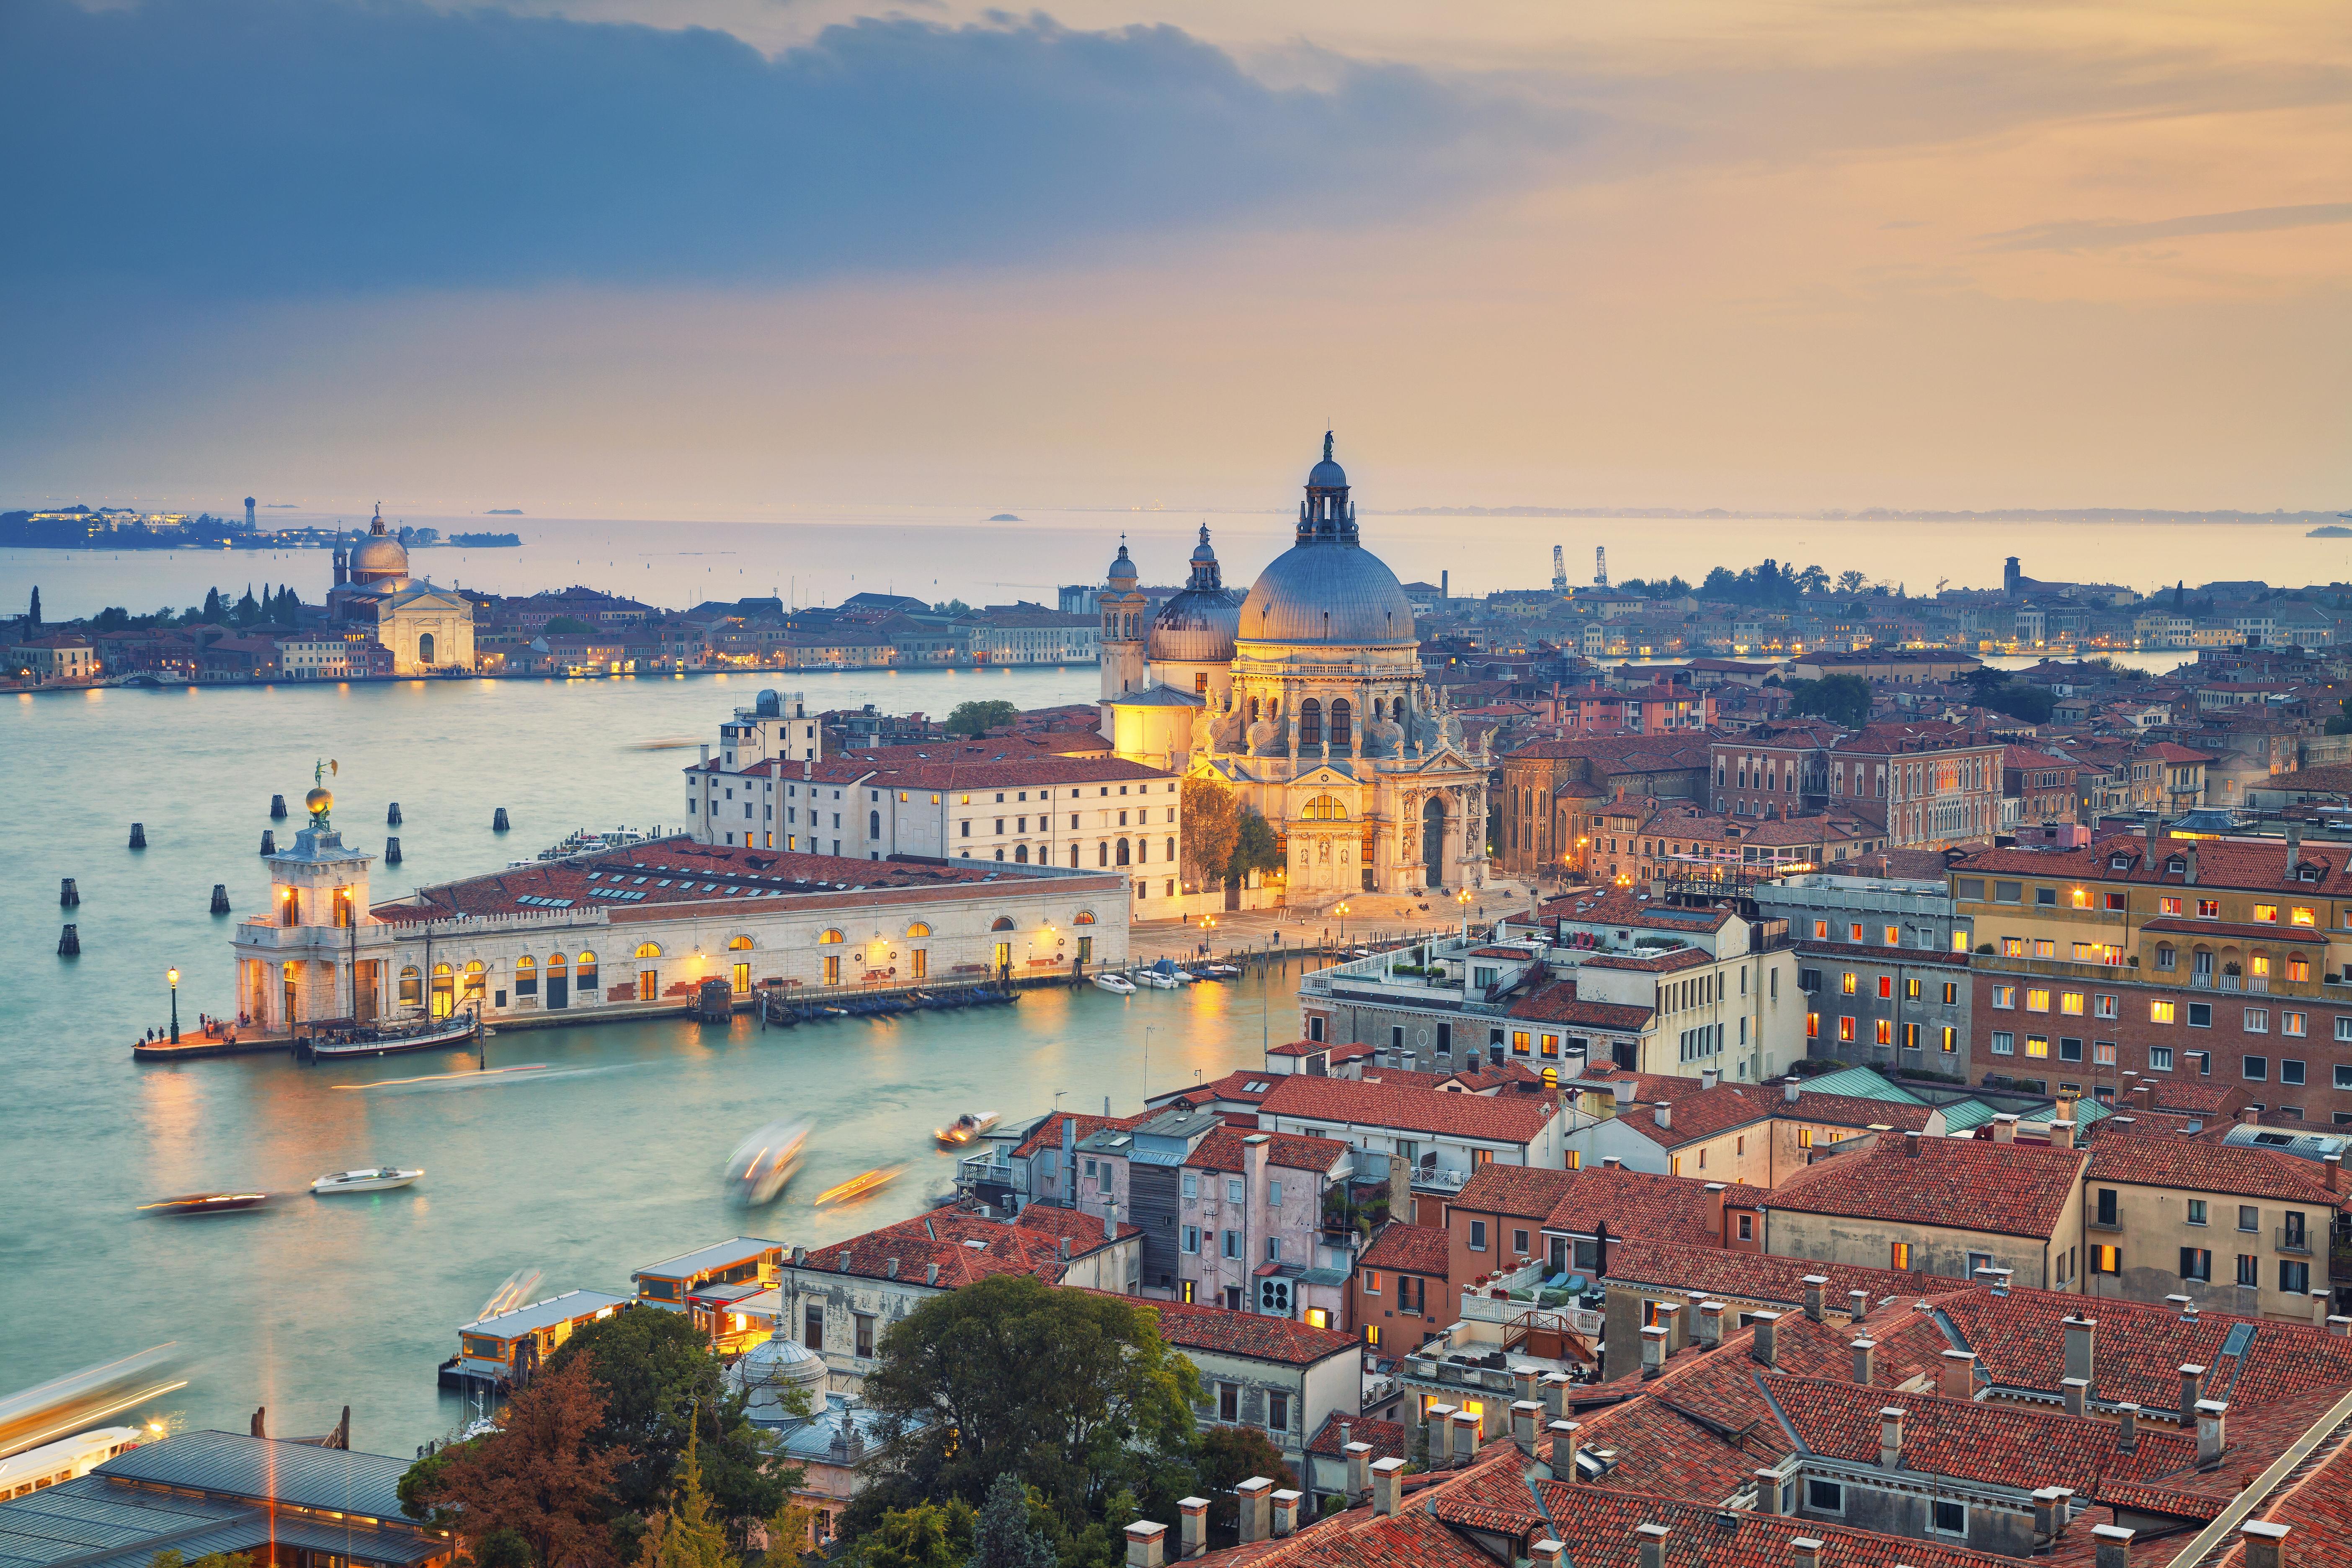 Venecia, la ciudad perfecta para los más románticos - Italia Circuito Descubre Italia